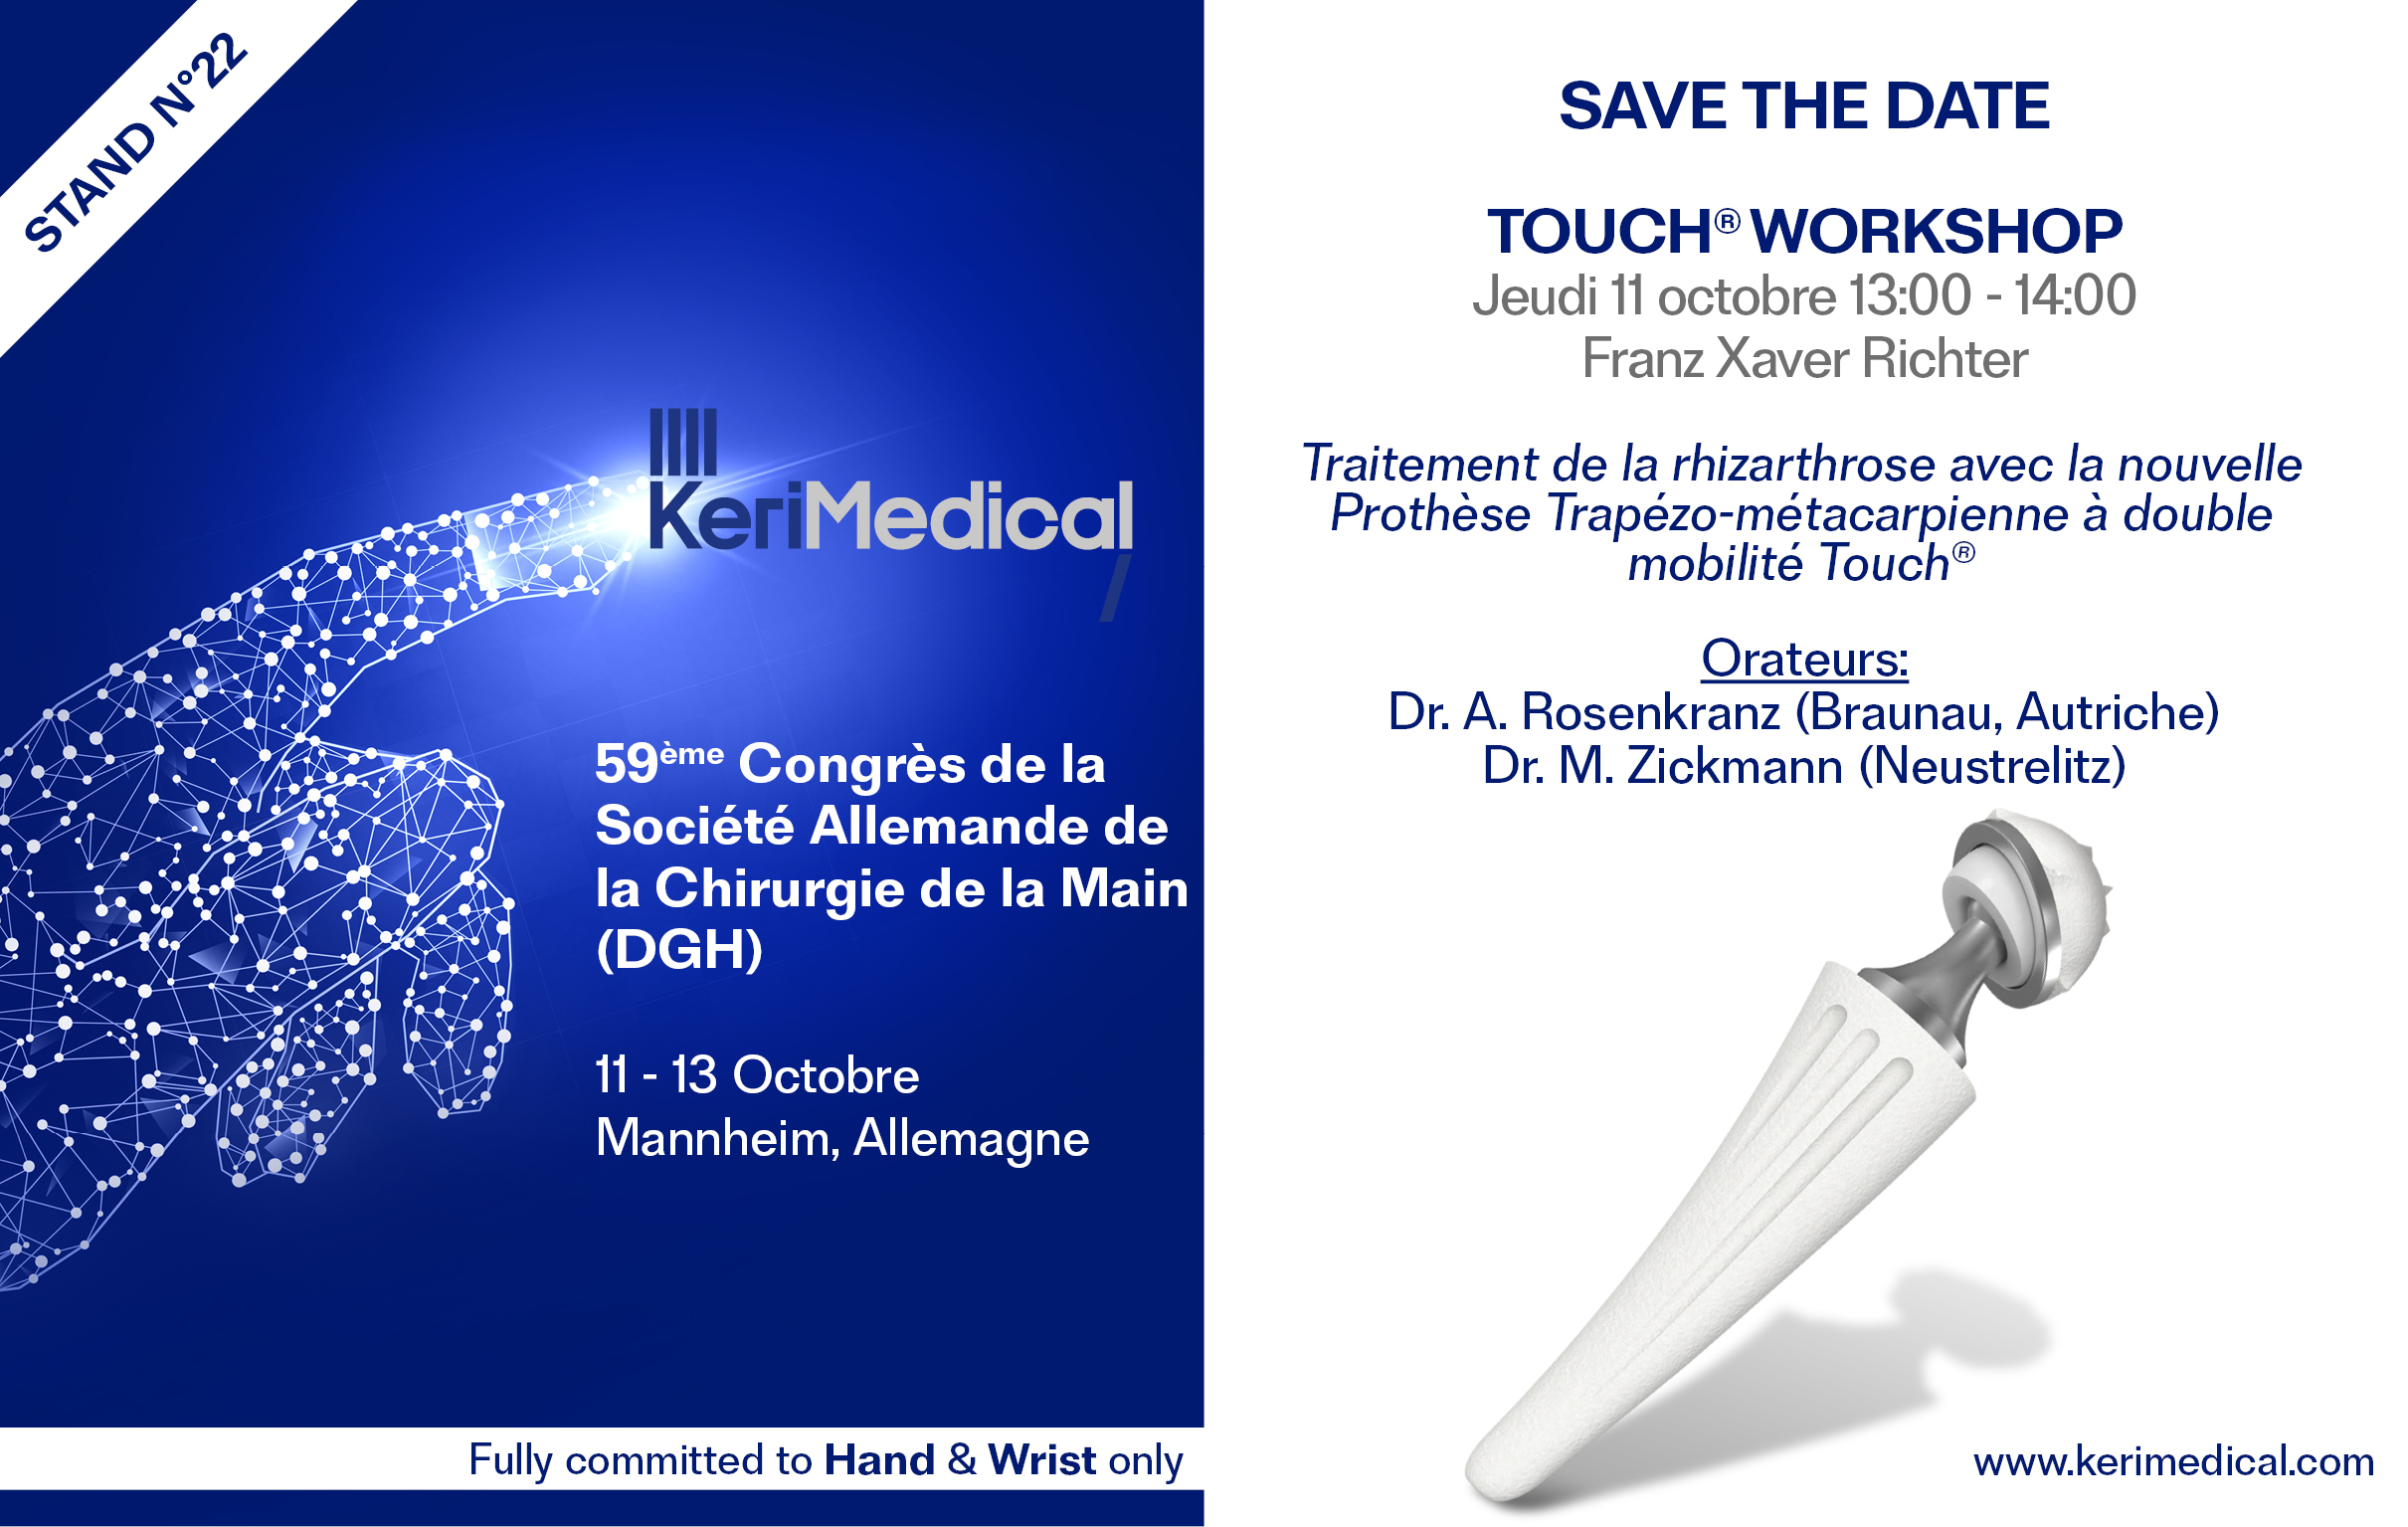 59ème Congrès de la Société de la Chirurgie de la Main, DGH